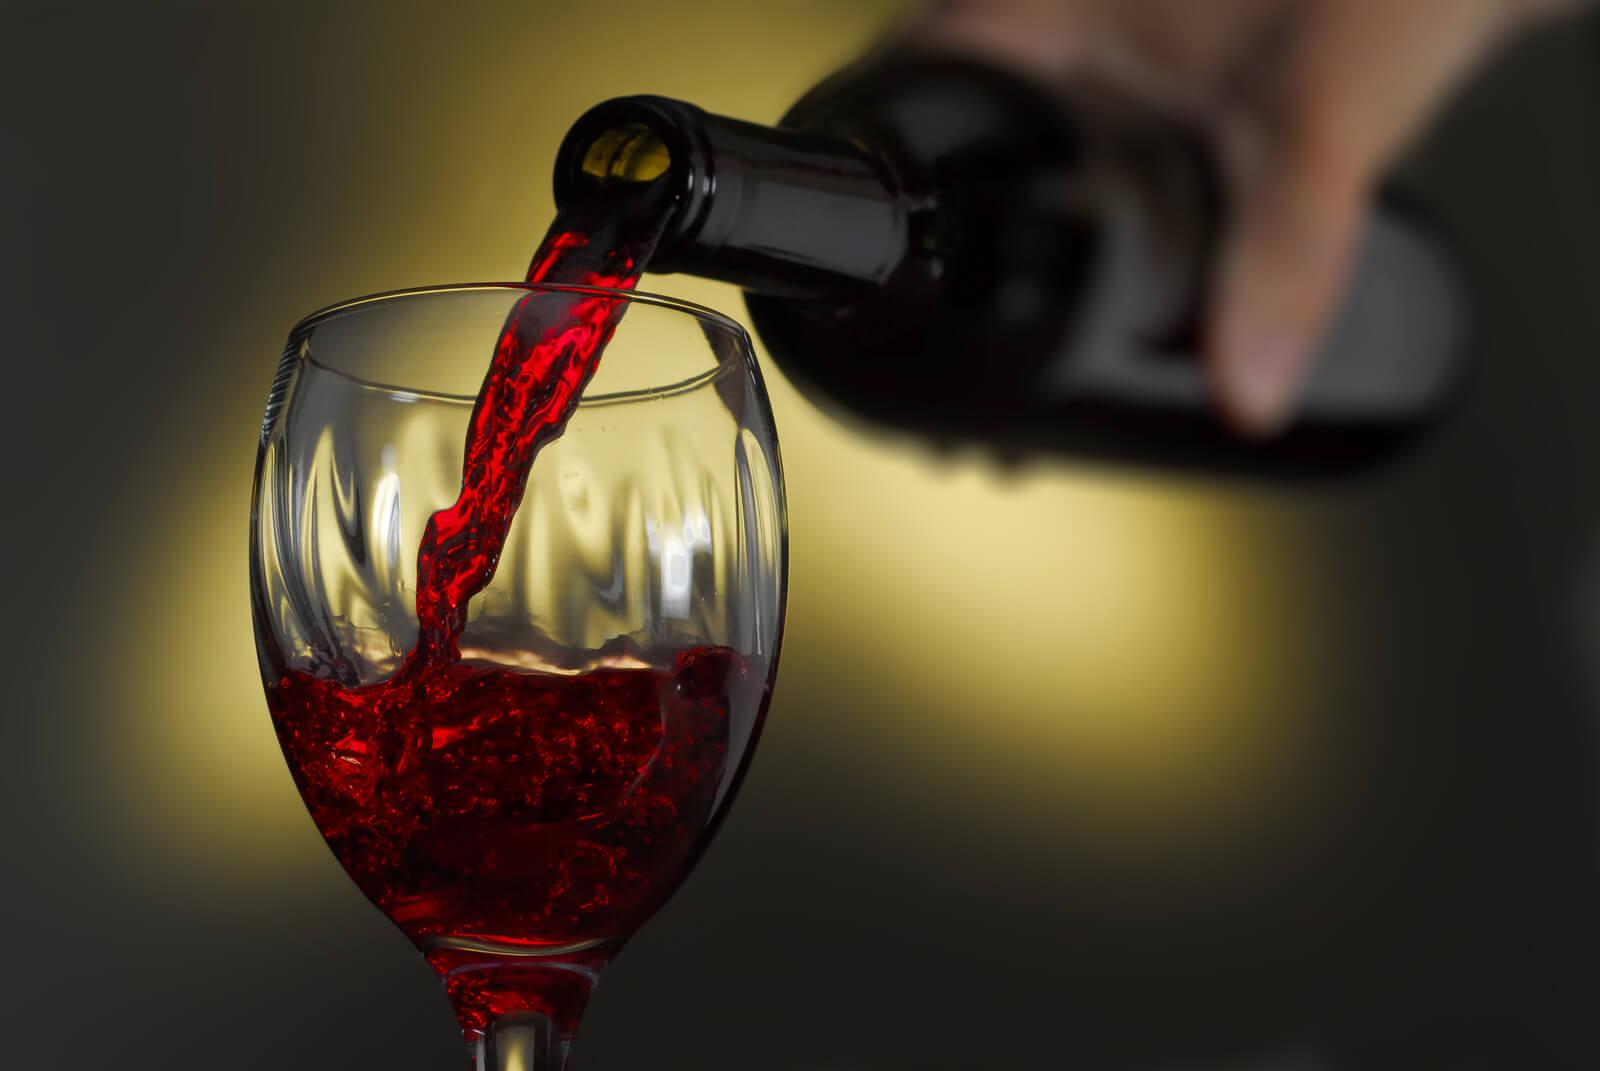 Vinho Tinto tem propriedades únicas